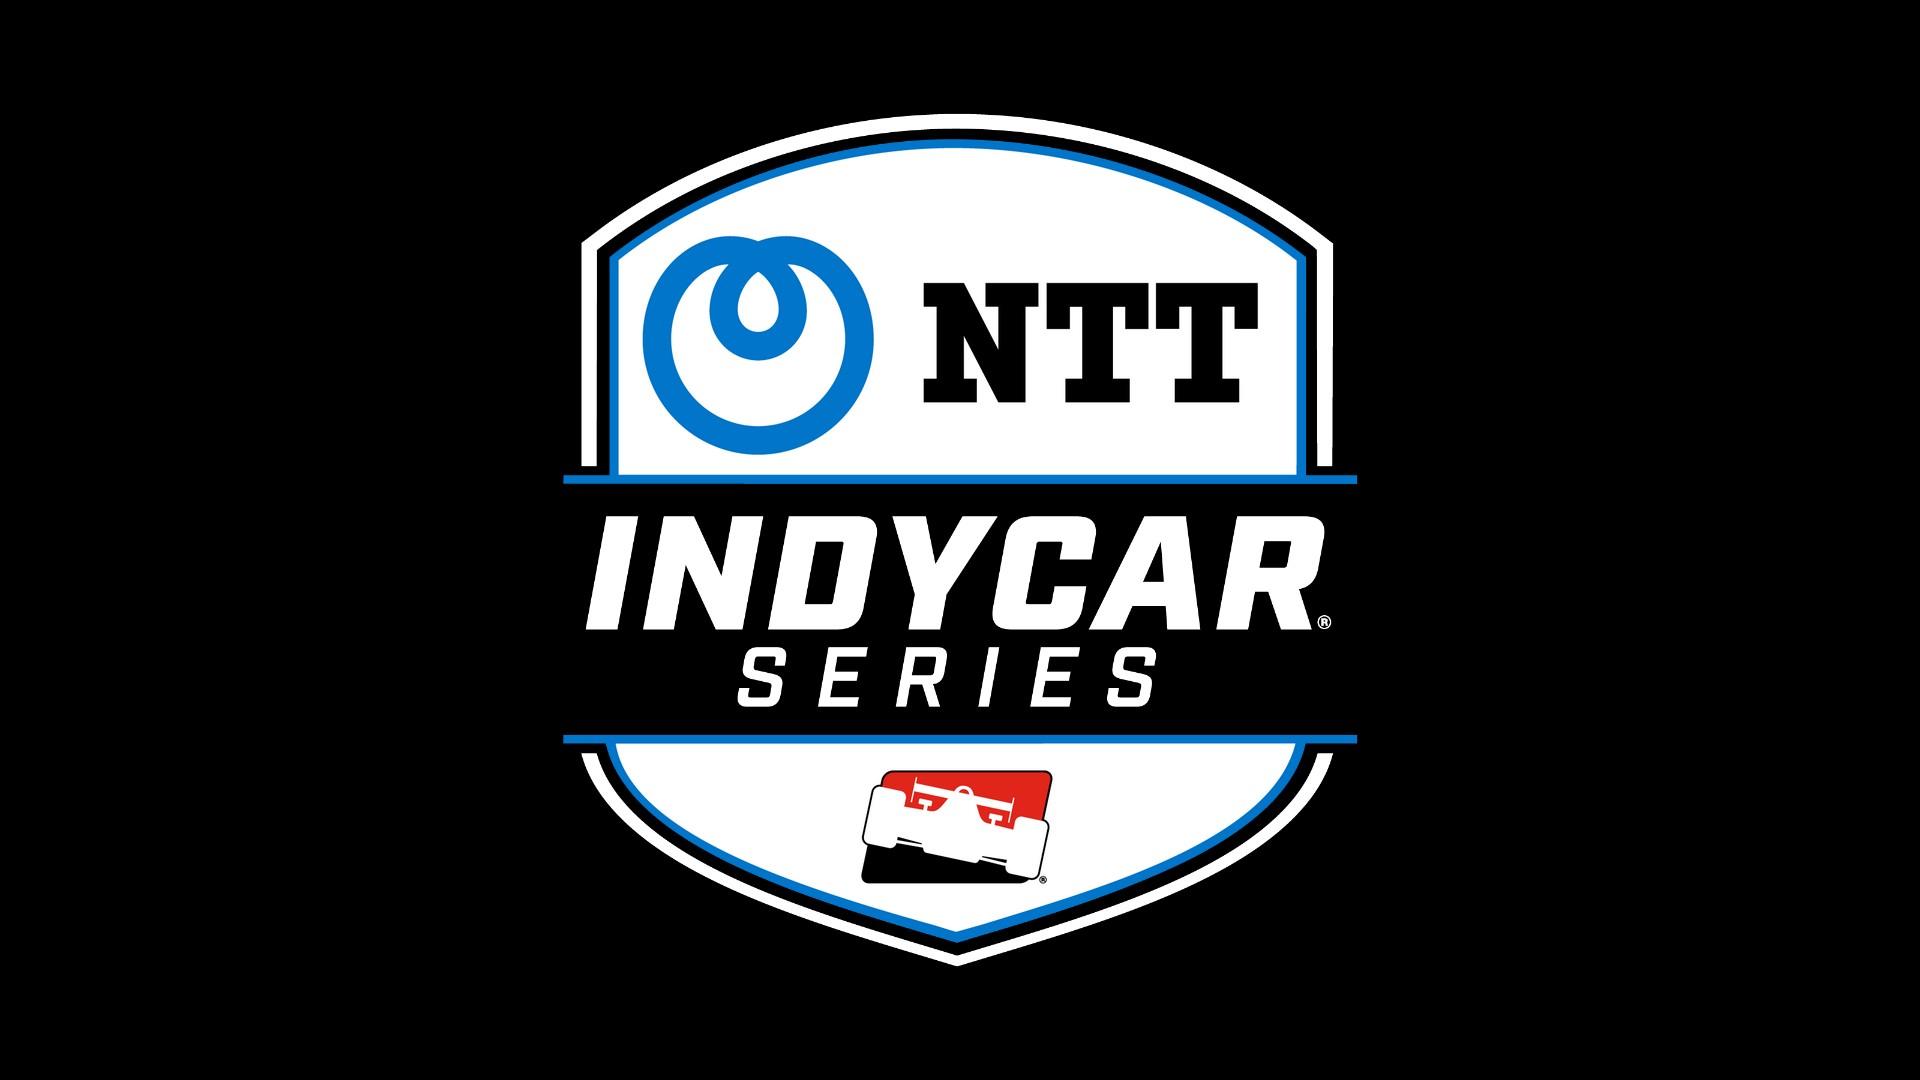 NTT x Indycar (sport auto) 2021